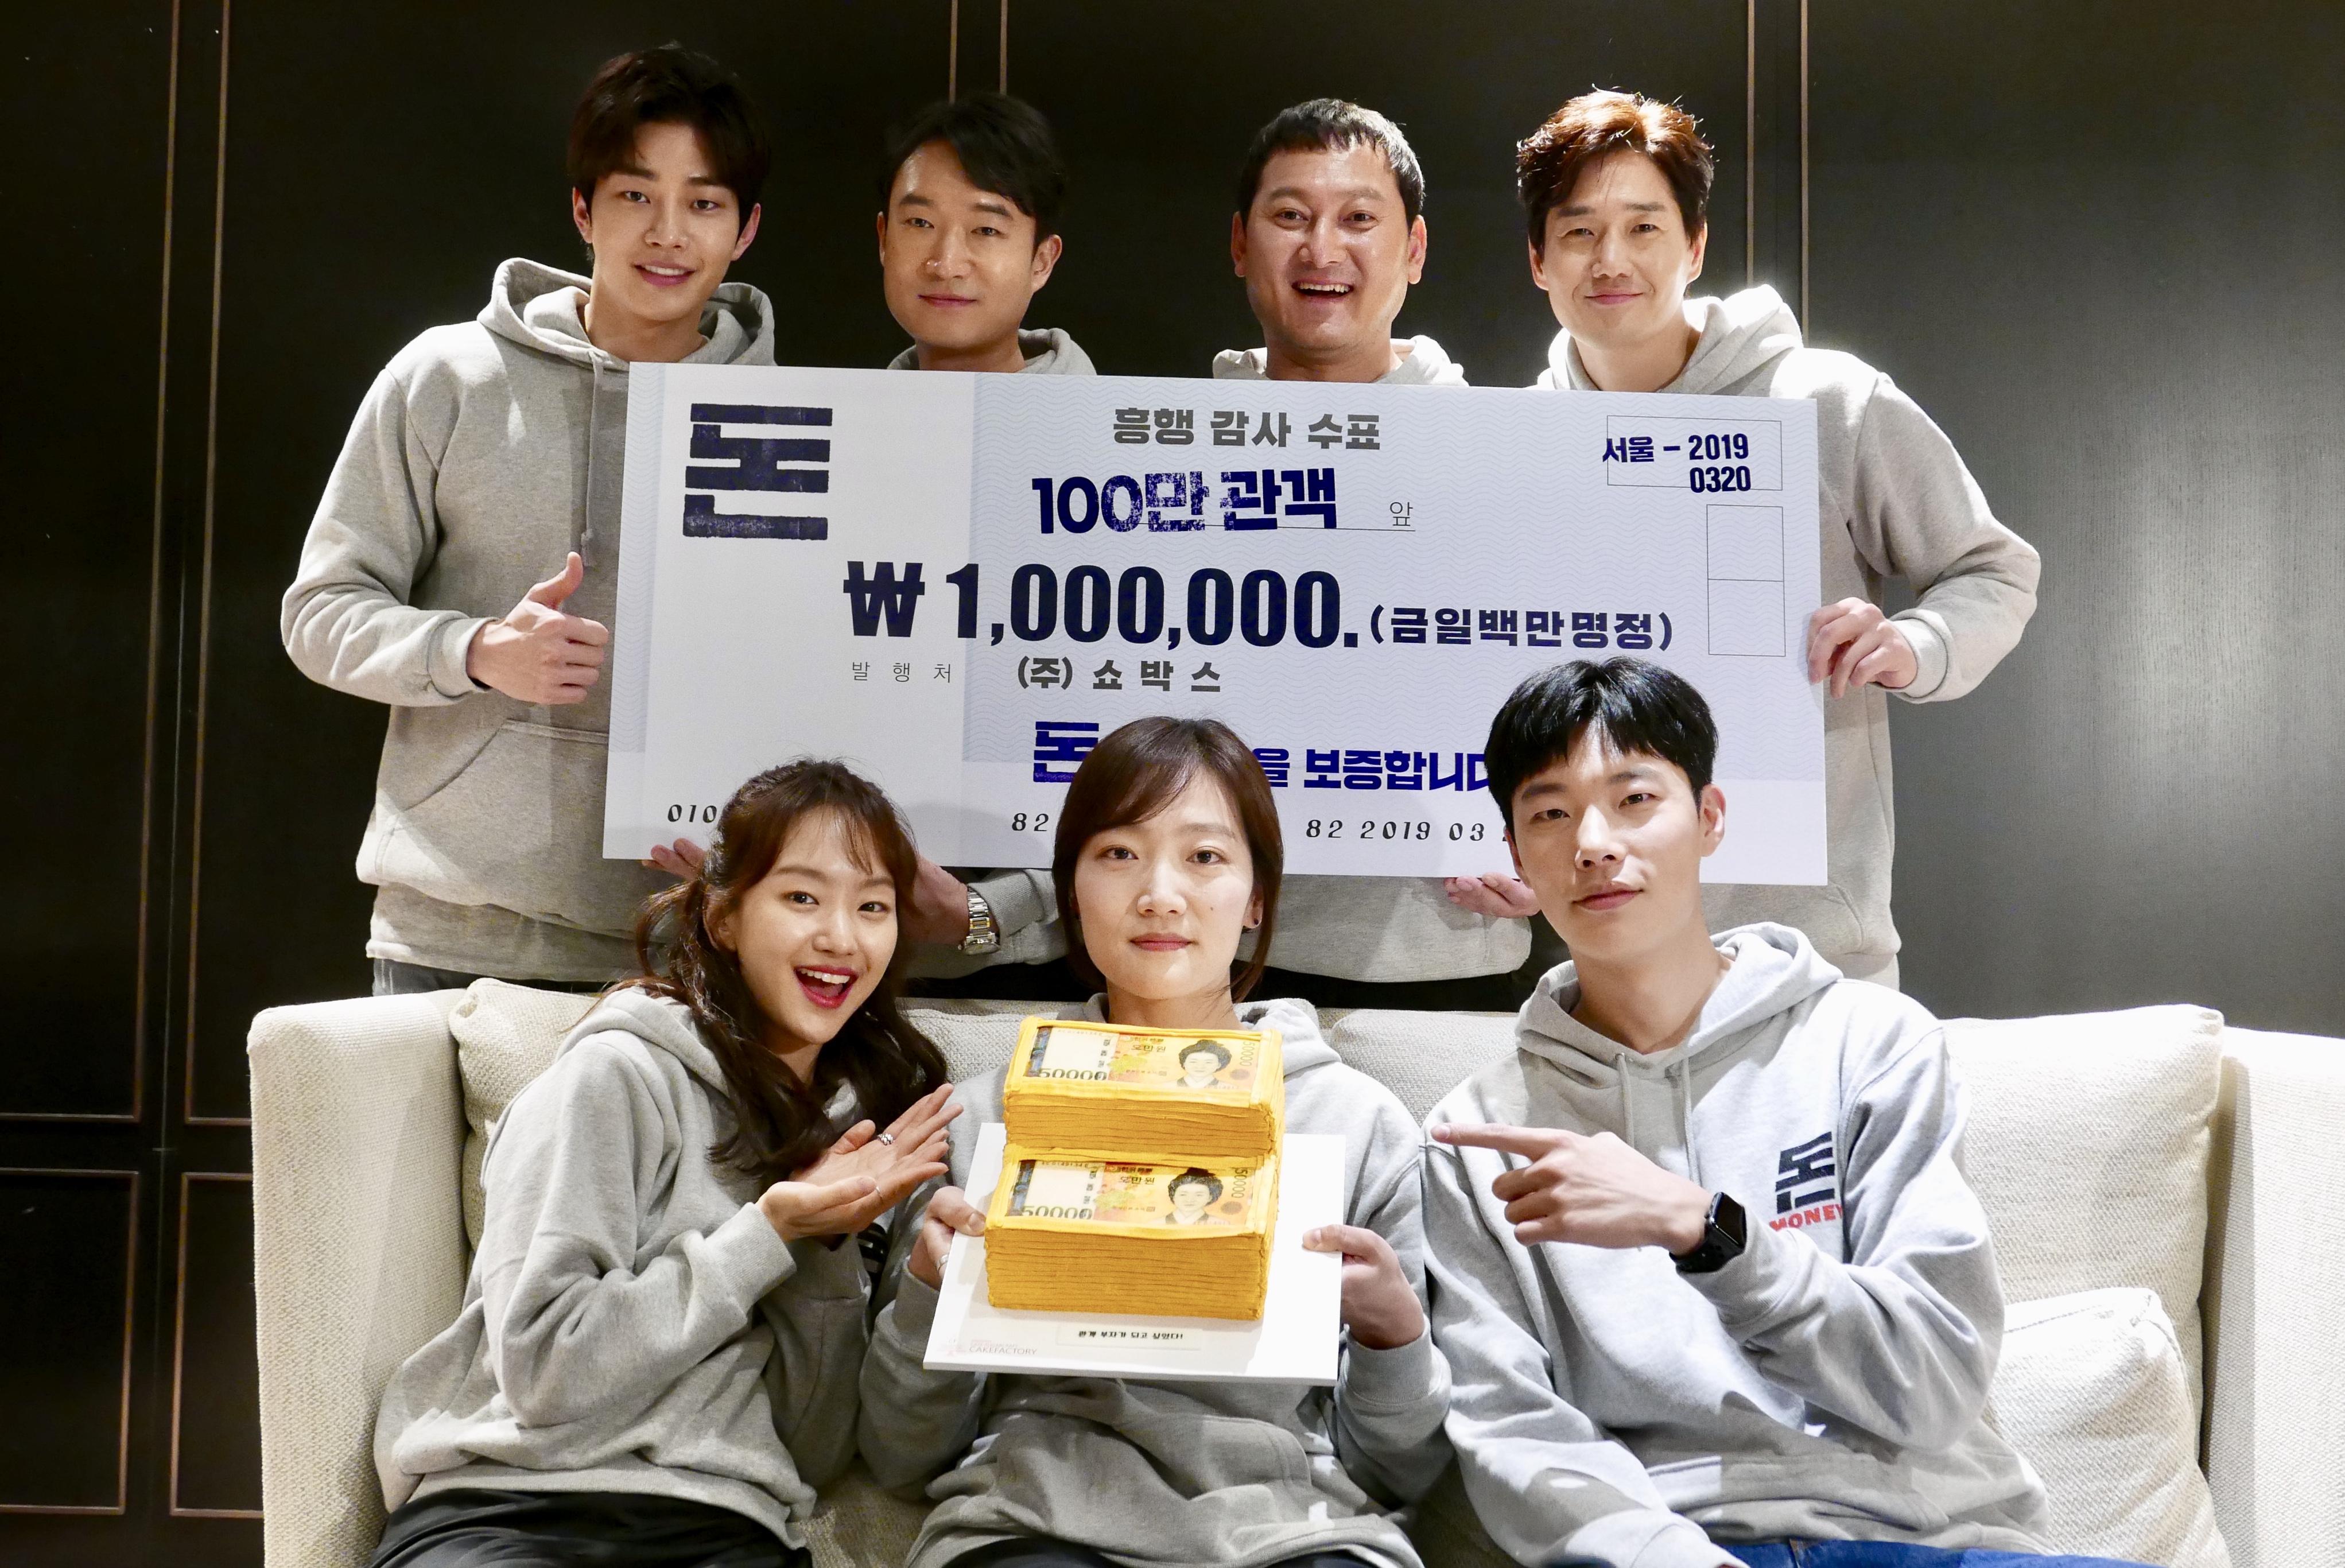 '돈' 개봉 4일 만에 100만 돌파... 흥행 감사 인증샷 공개